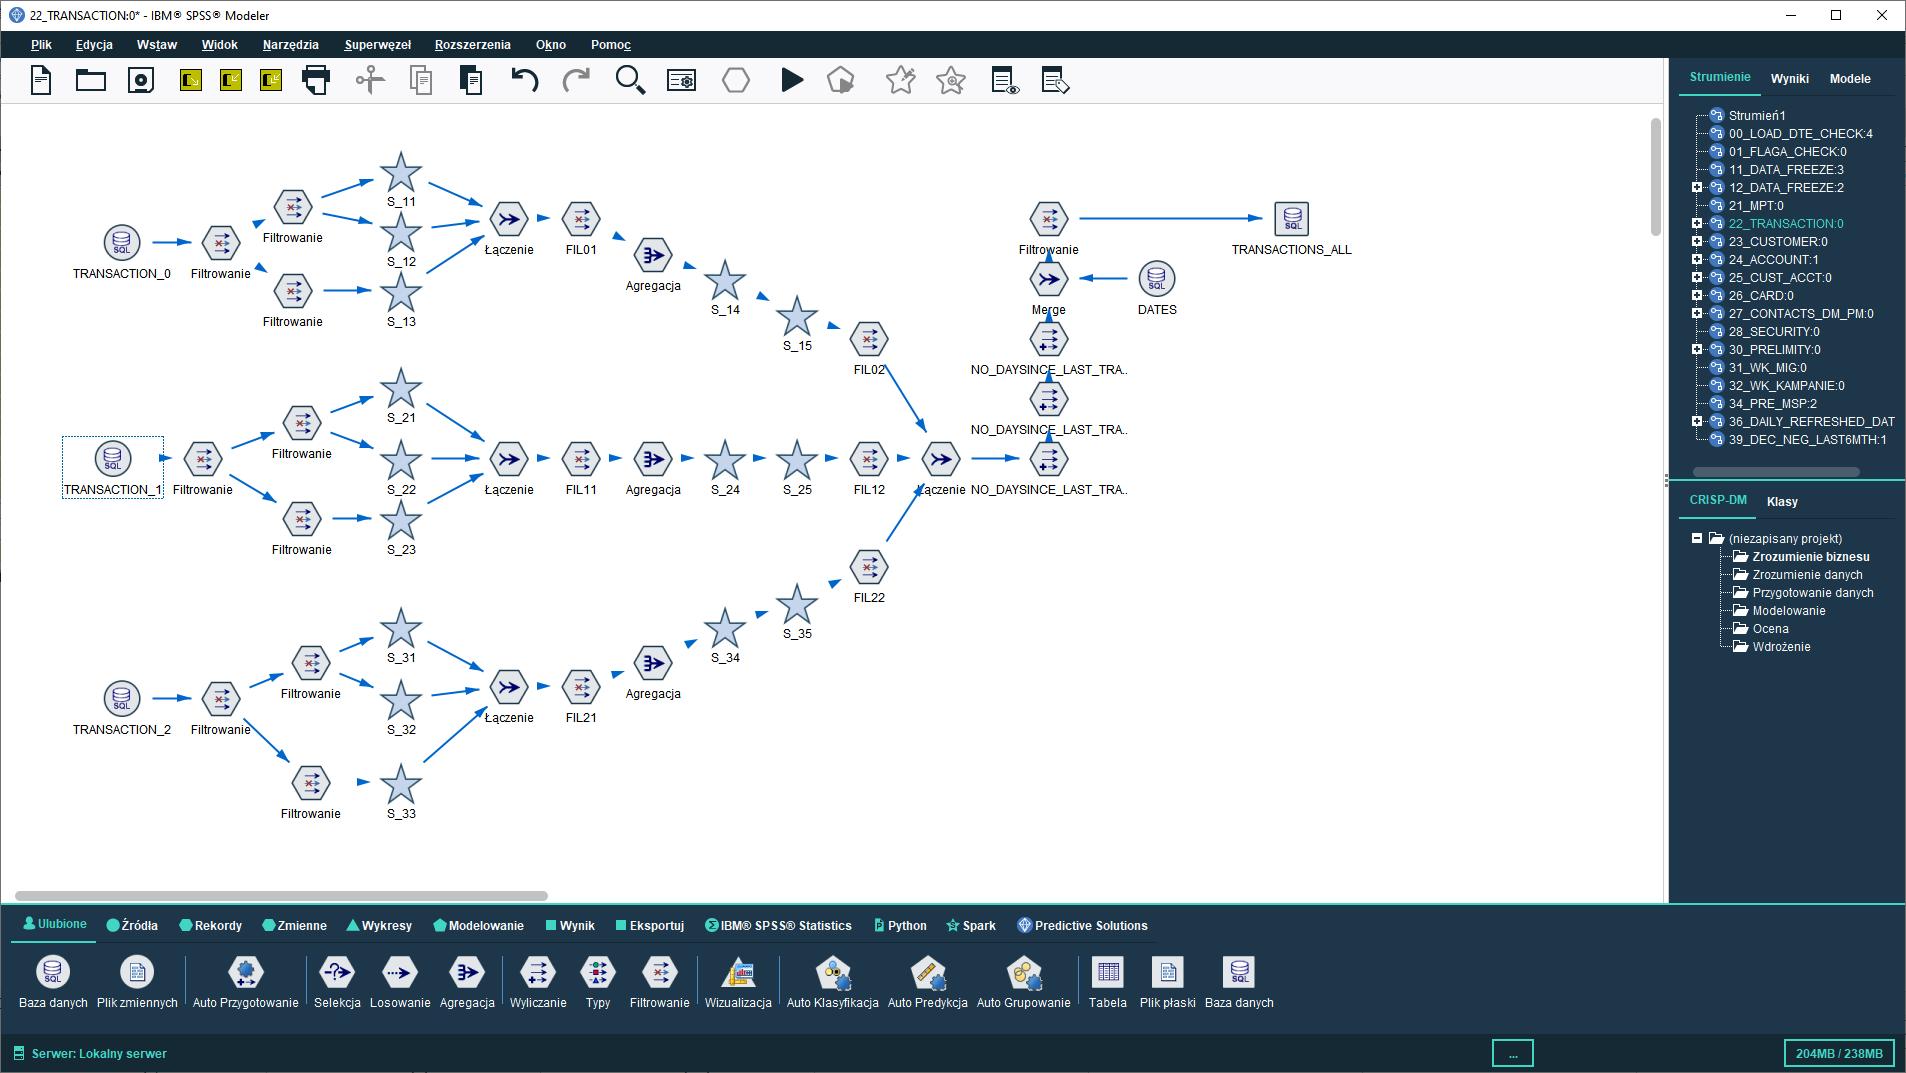 Przykład procedury integrującej dane o transakcjach klientów w różnych kanałach